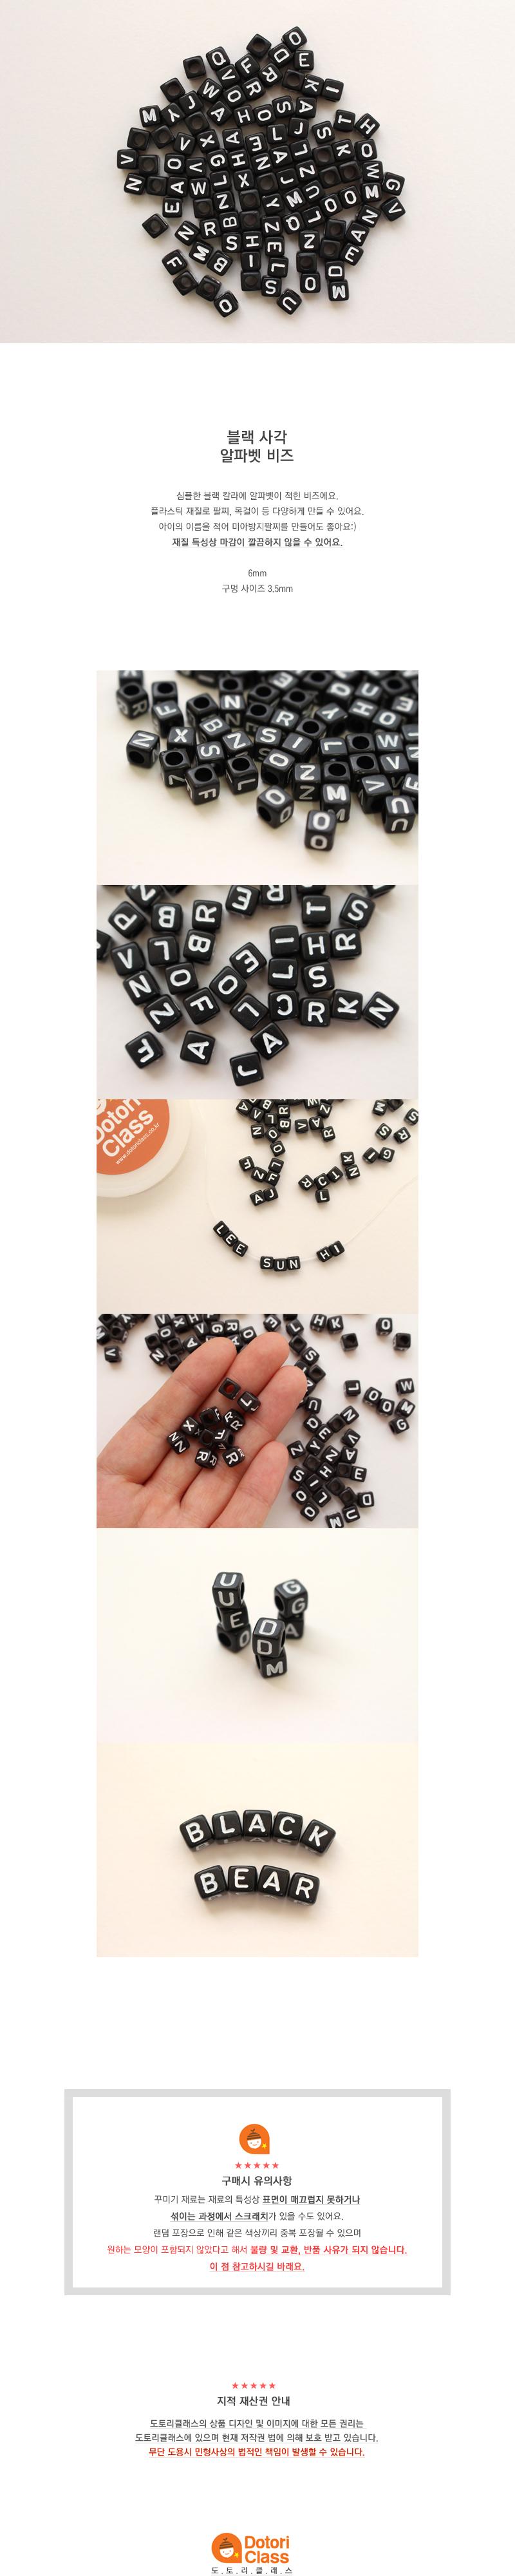 블랙사각 알파벳비즈100p - 도토리클래스, 3,500원, 비즈공예, 비즈